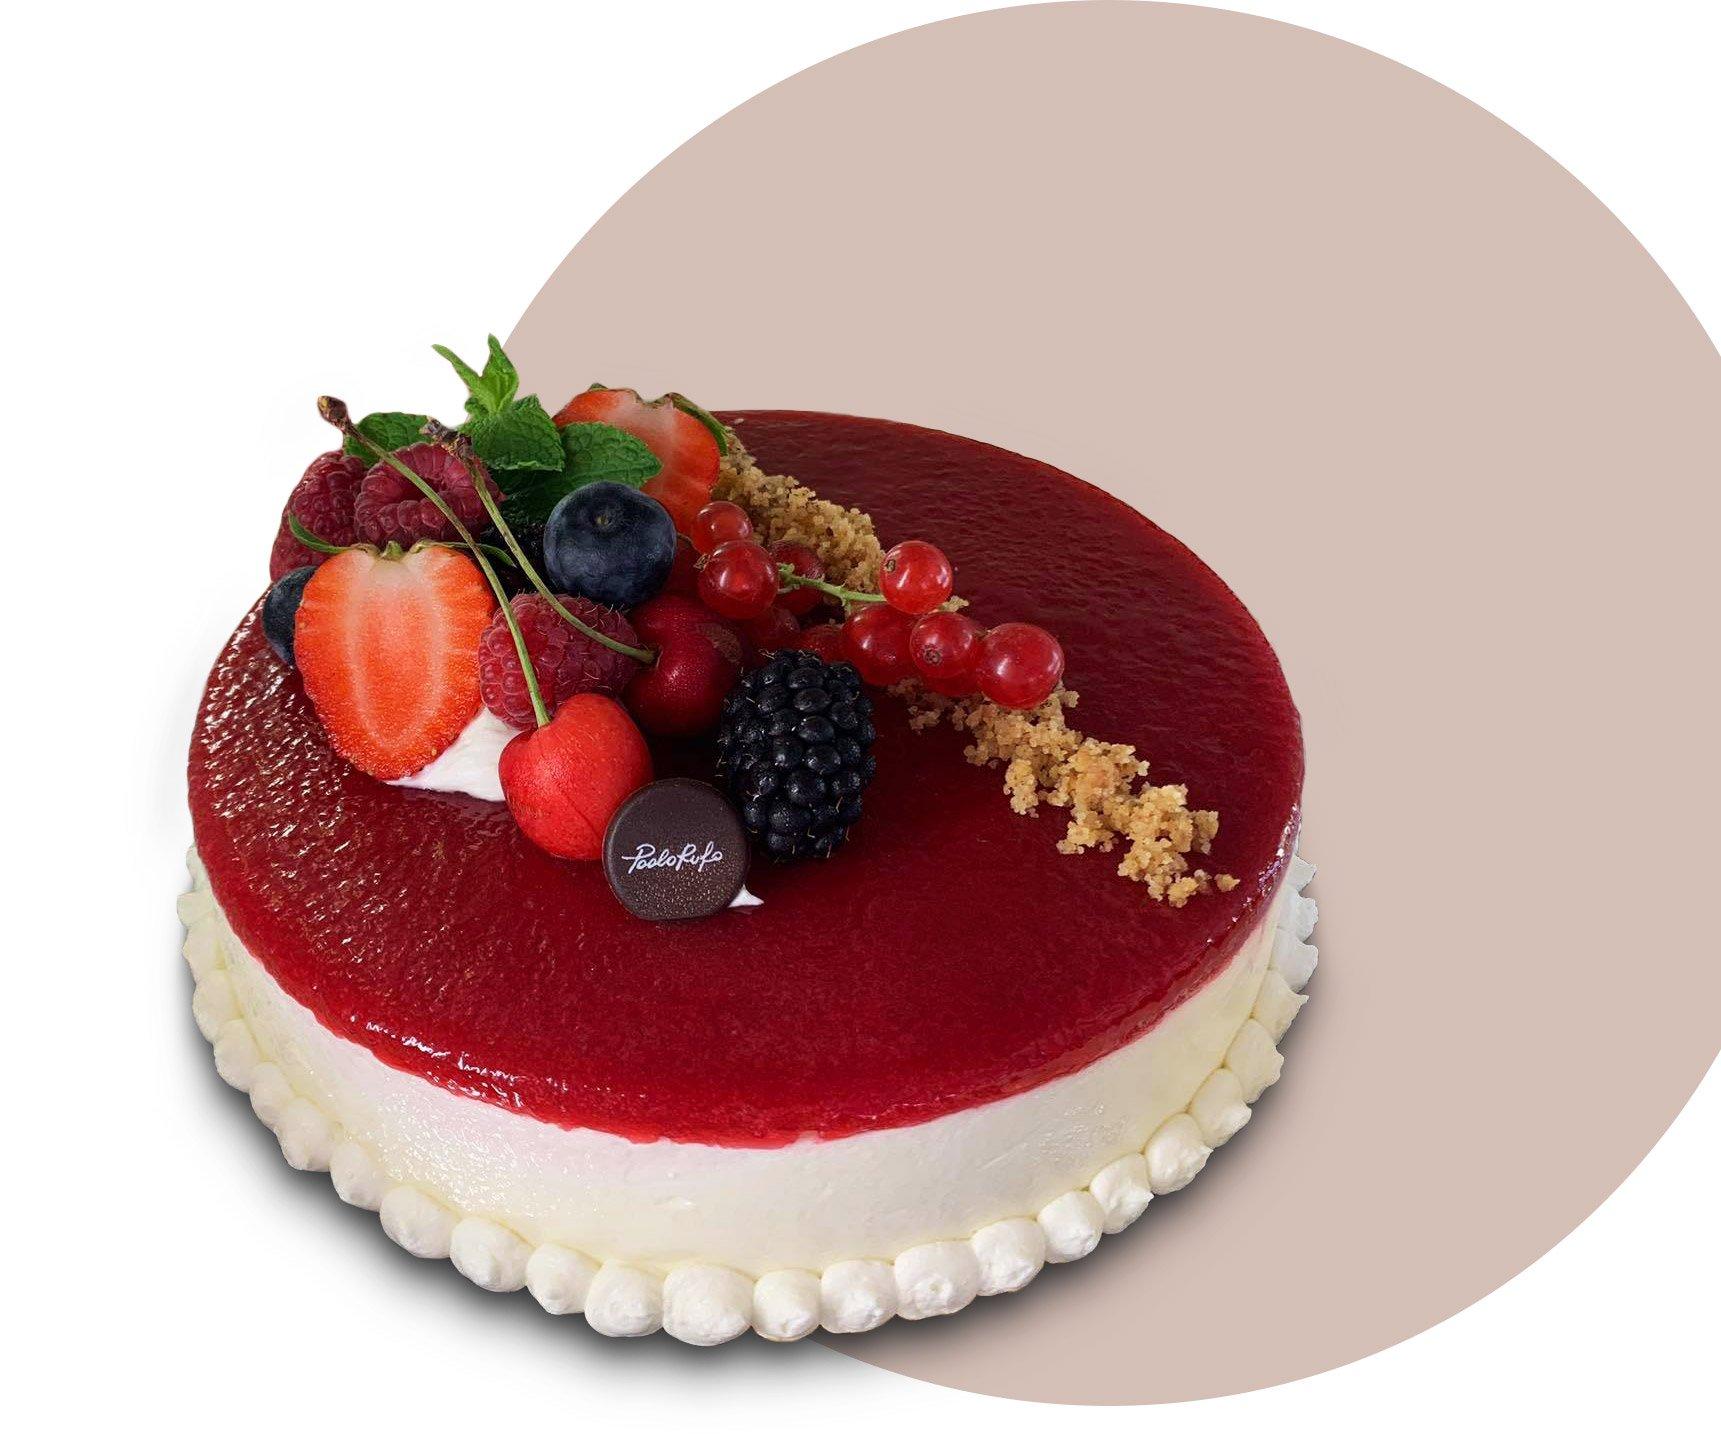 torta frutta rossa paolo rufo